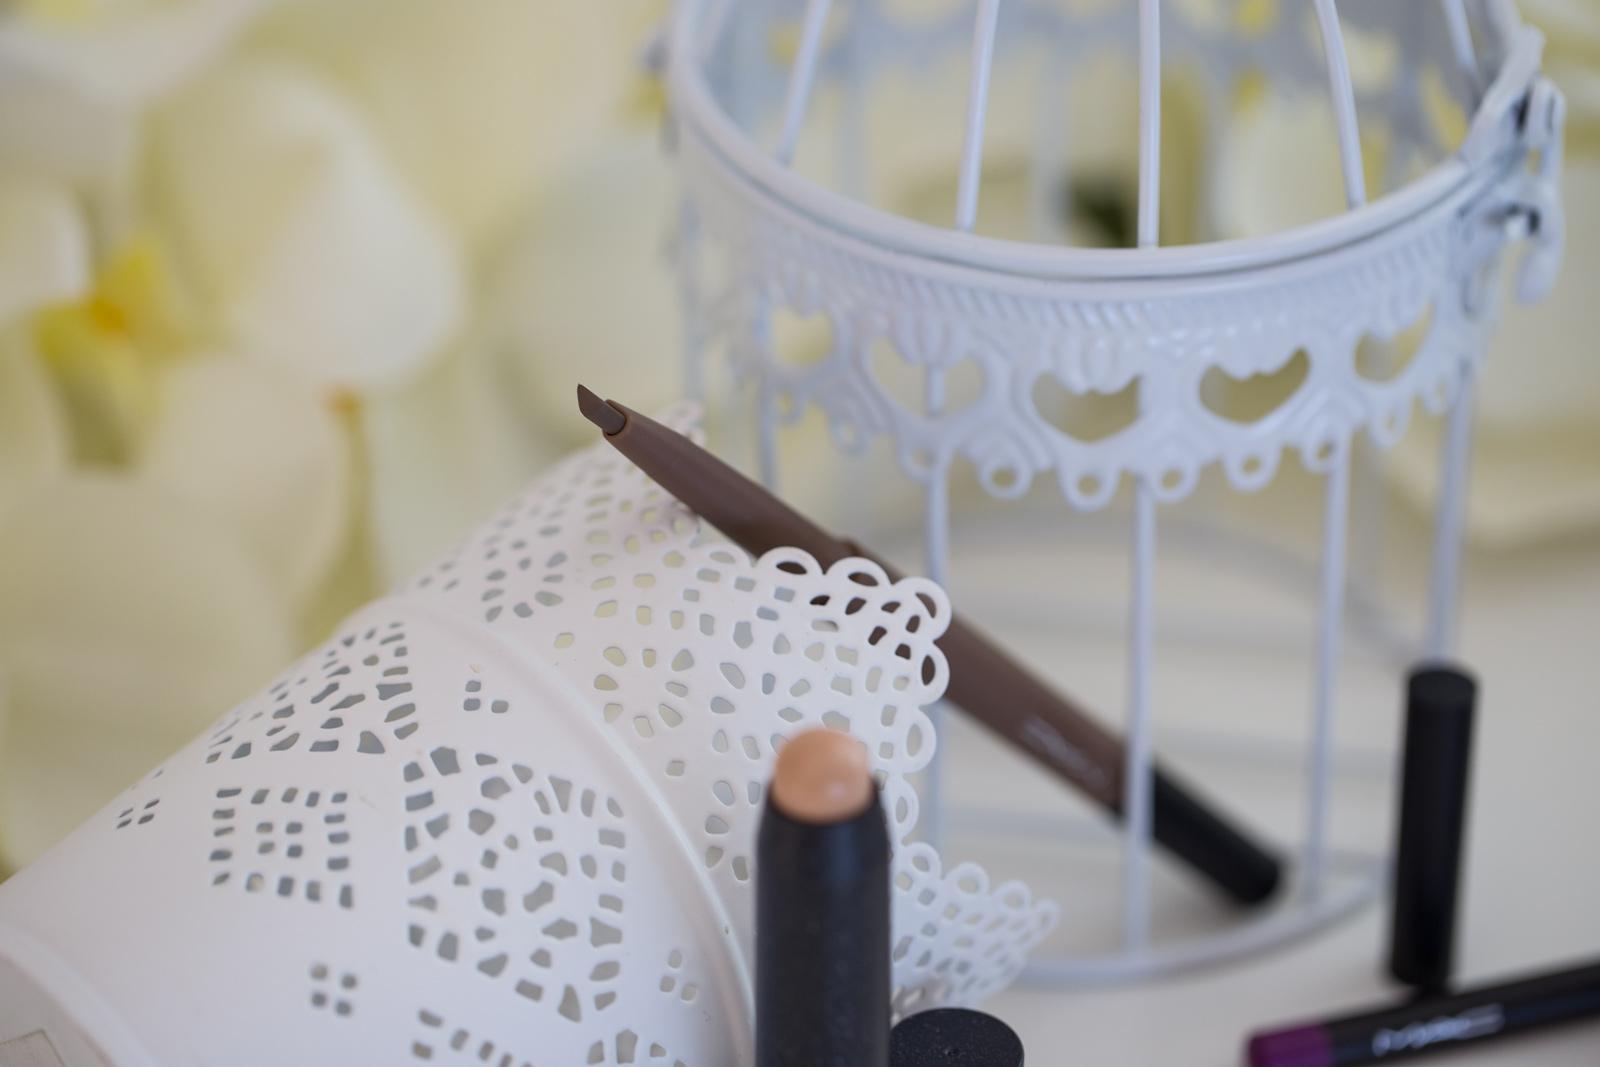 Foto_by_Nadja_Nemetz_Wien_MAC_Cosmetics_Heroine_Lippenstift_Beauty_Beatyblogger_Blogger_4